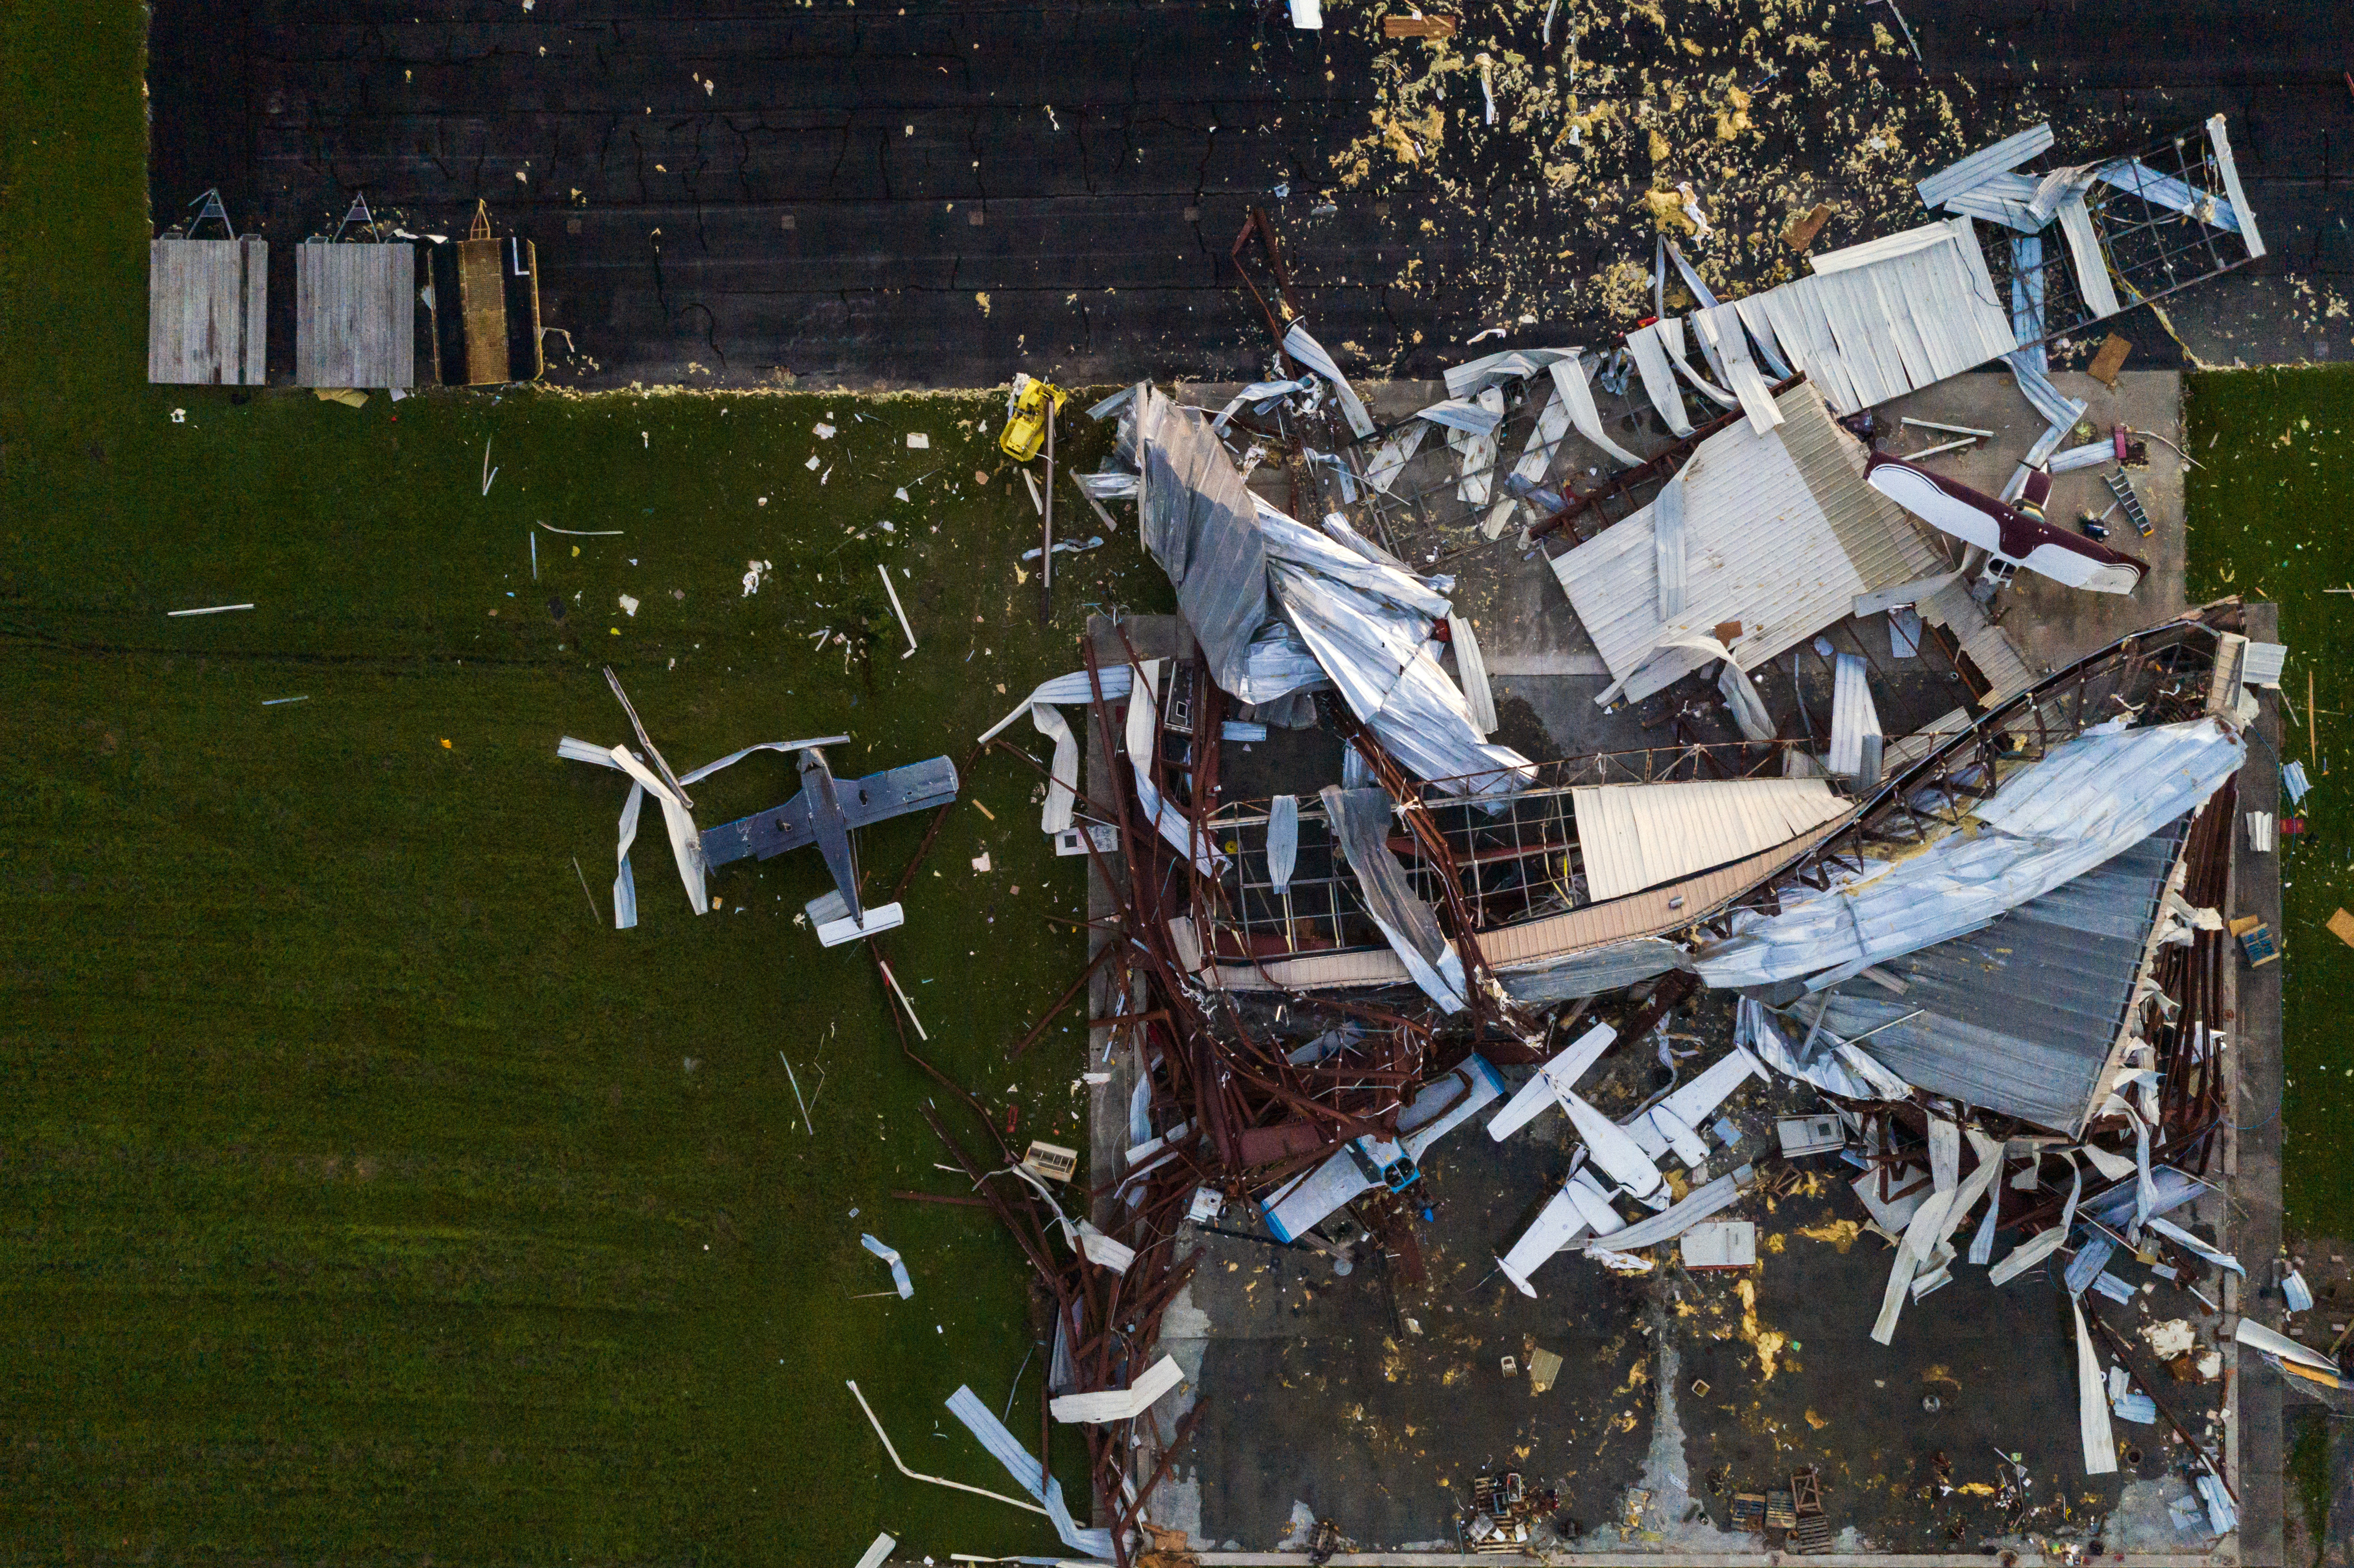 Los aviones destruidos yacen dañados alrededor de un hangar del aeropuerto de Southland Field después del huracán Laura en Sulphur, Louisiana, EE.UU., el 27 de agosto de 2020.